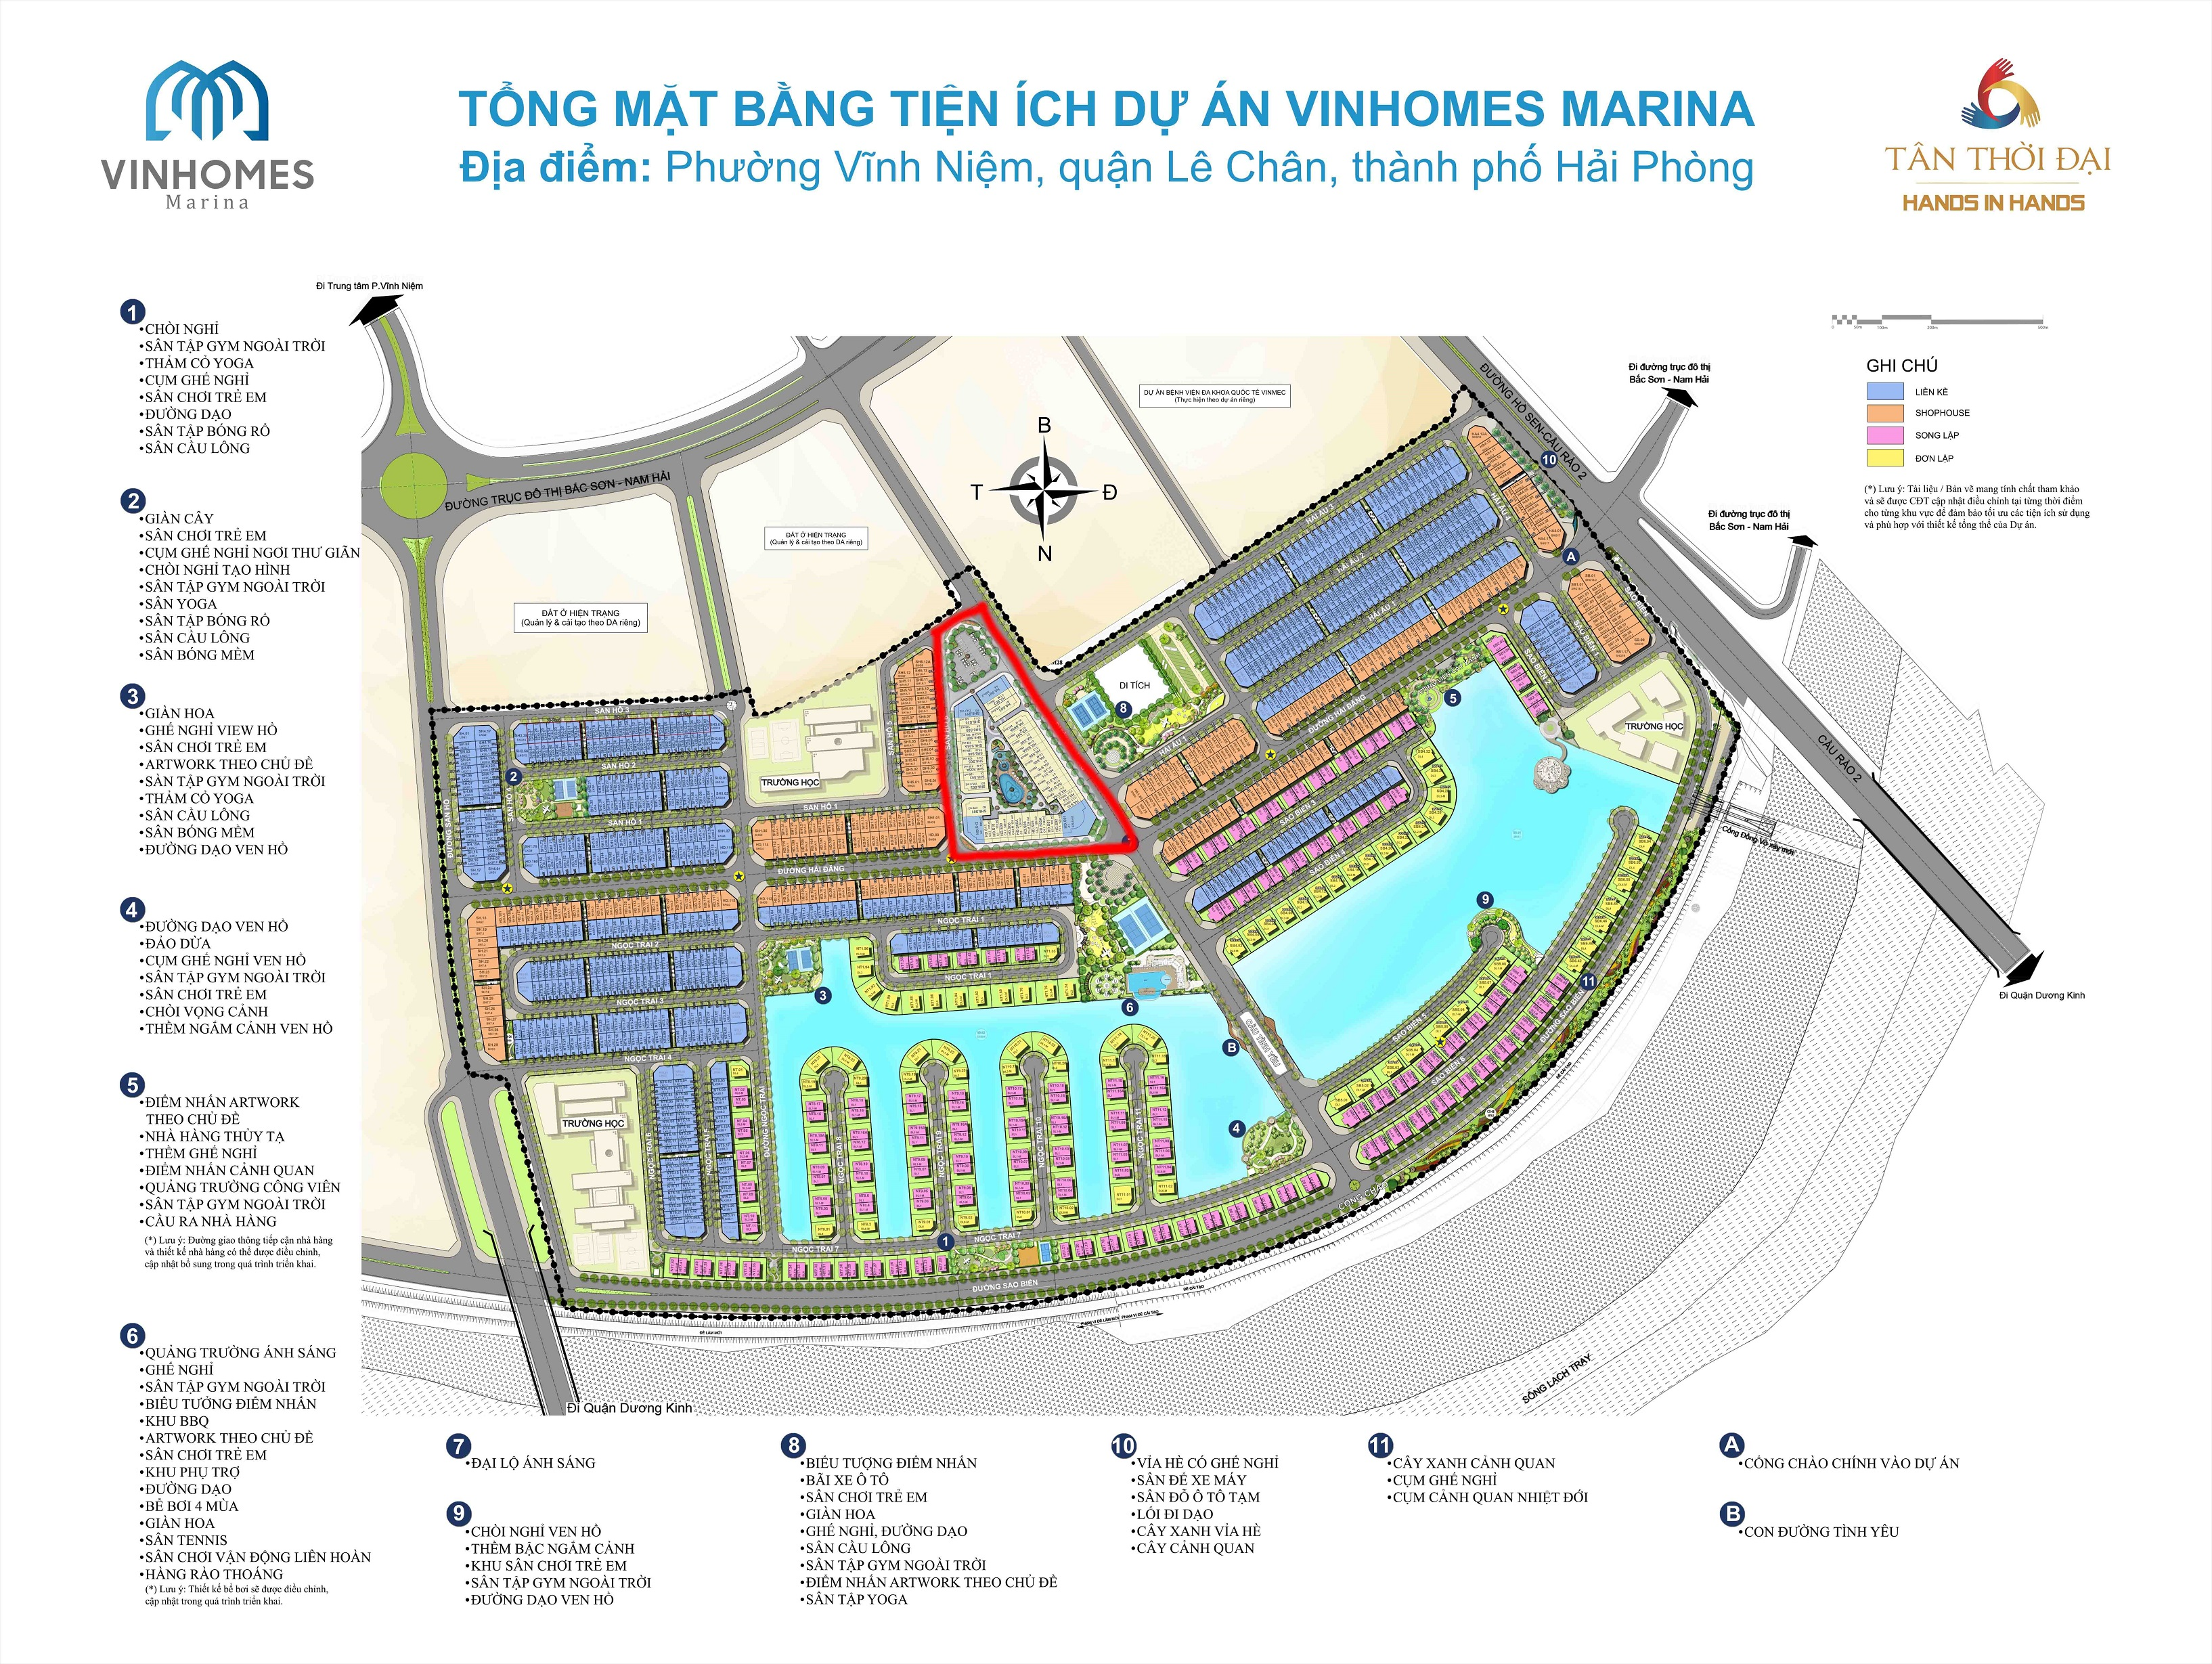 Thông tin quy hoạch của Vinhomes Marina Cầu Rào